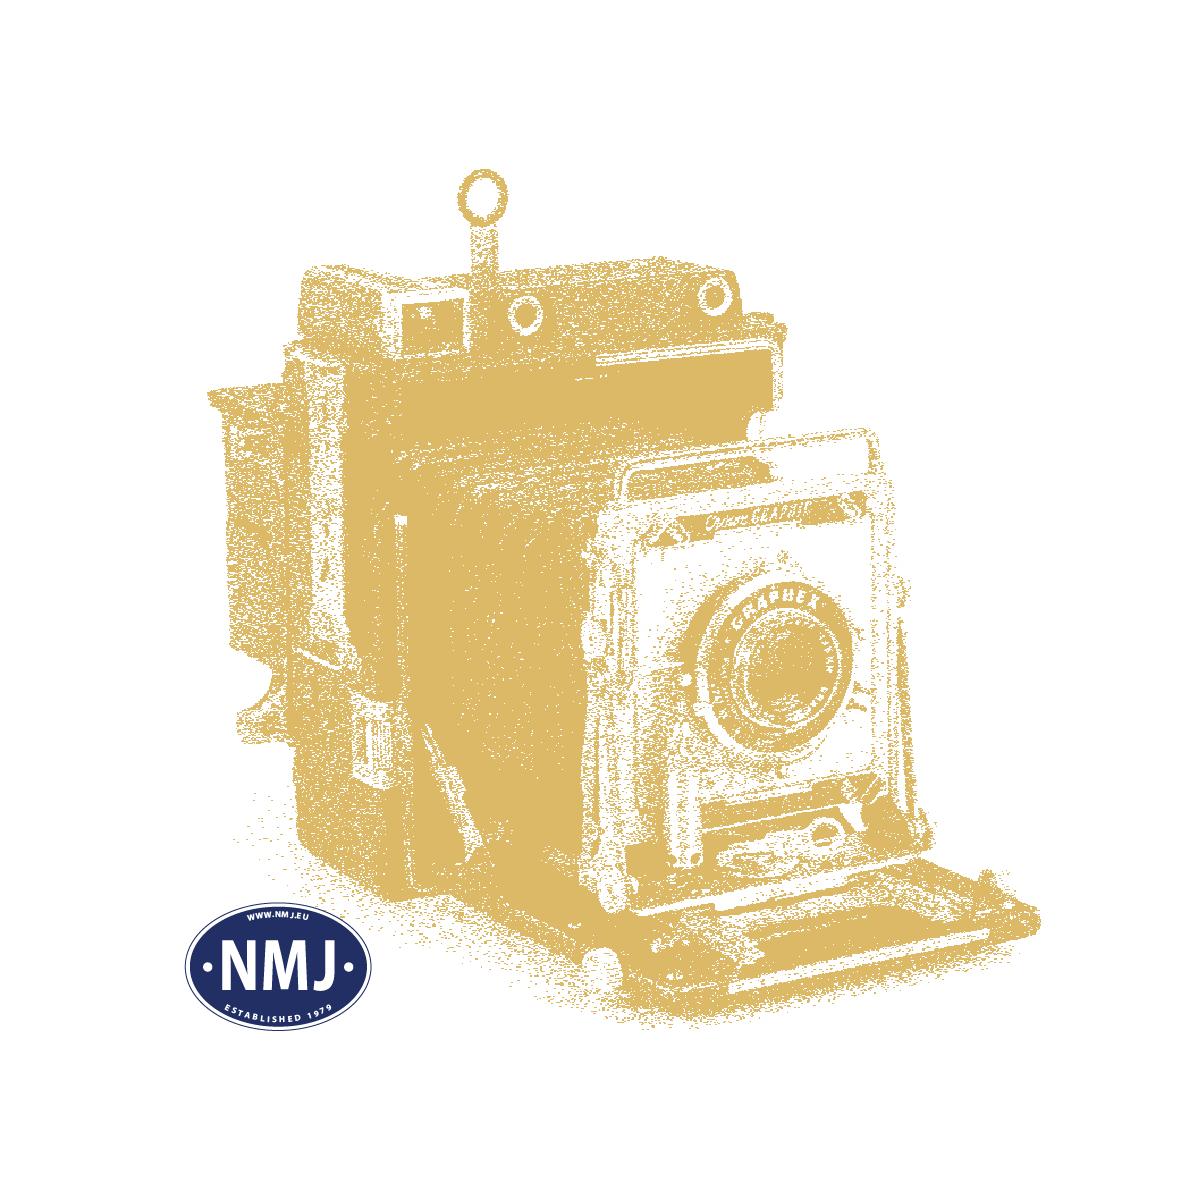 DK-8750073 - PBS Mx 1030, AC w/ Sound